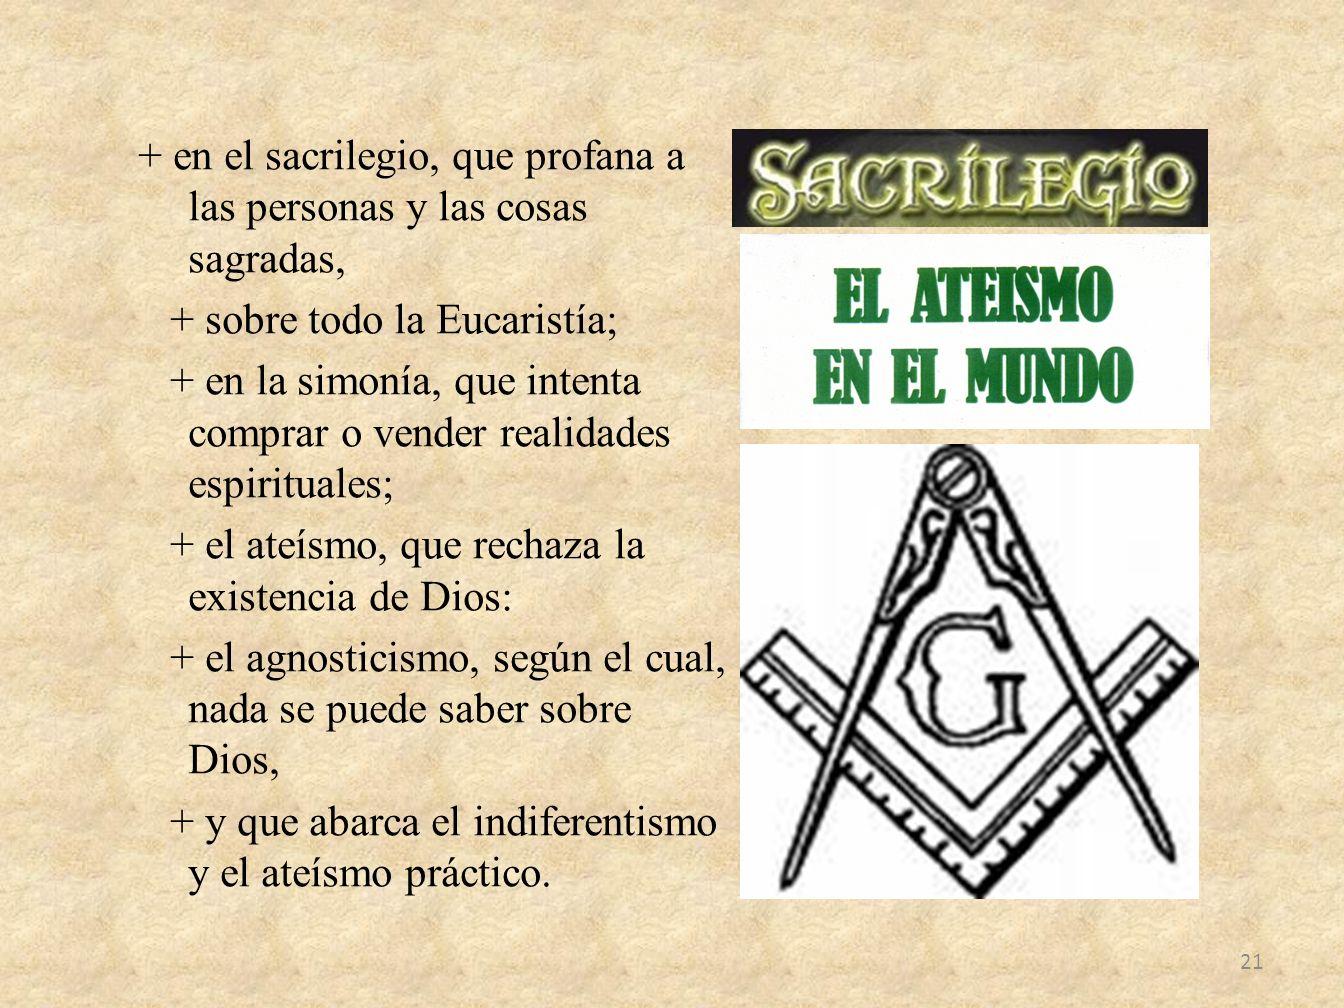 + en el sacrilegio, que profana a las personas y las cosas sagradas, + sobre todo la Eucaristía; + en la simonía, que intenta comprar o vender realida